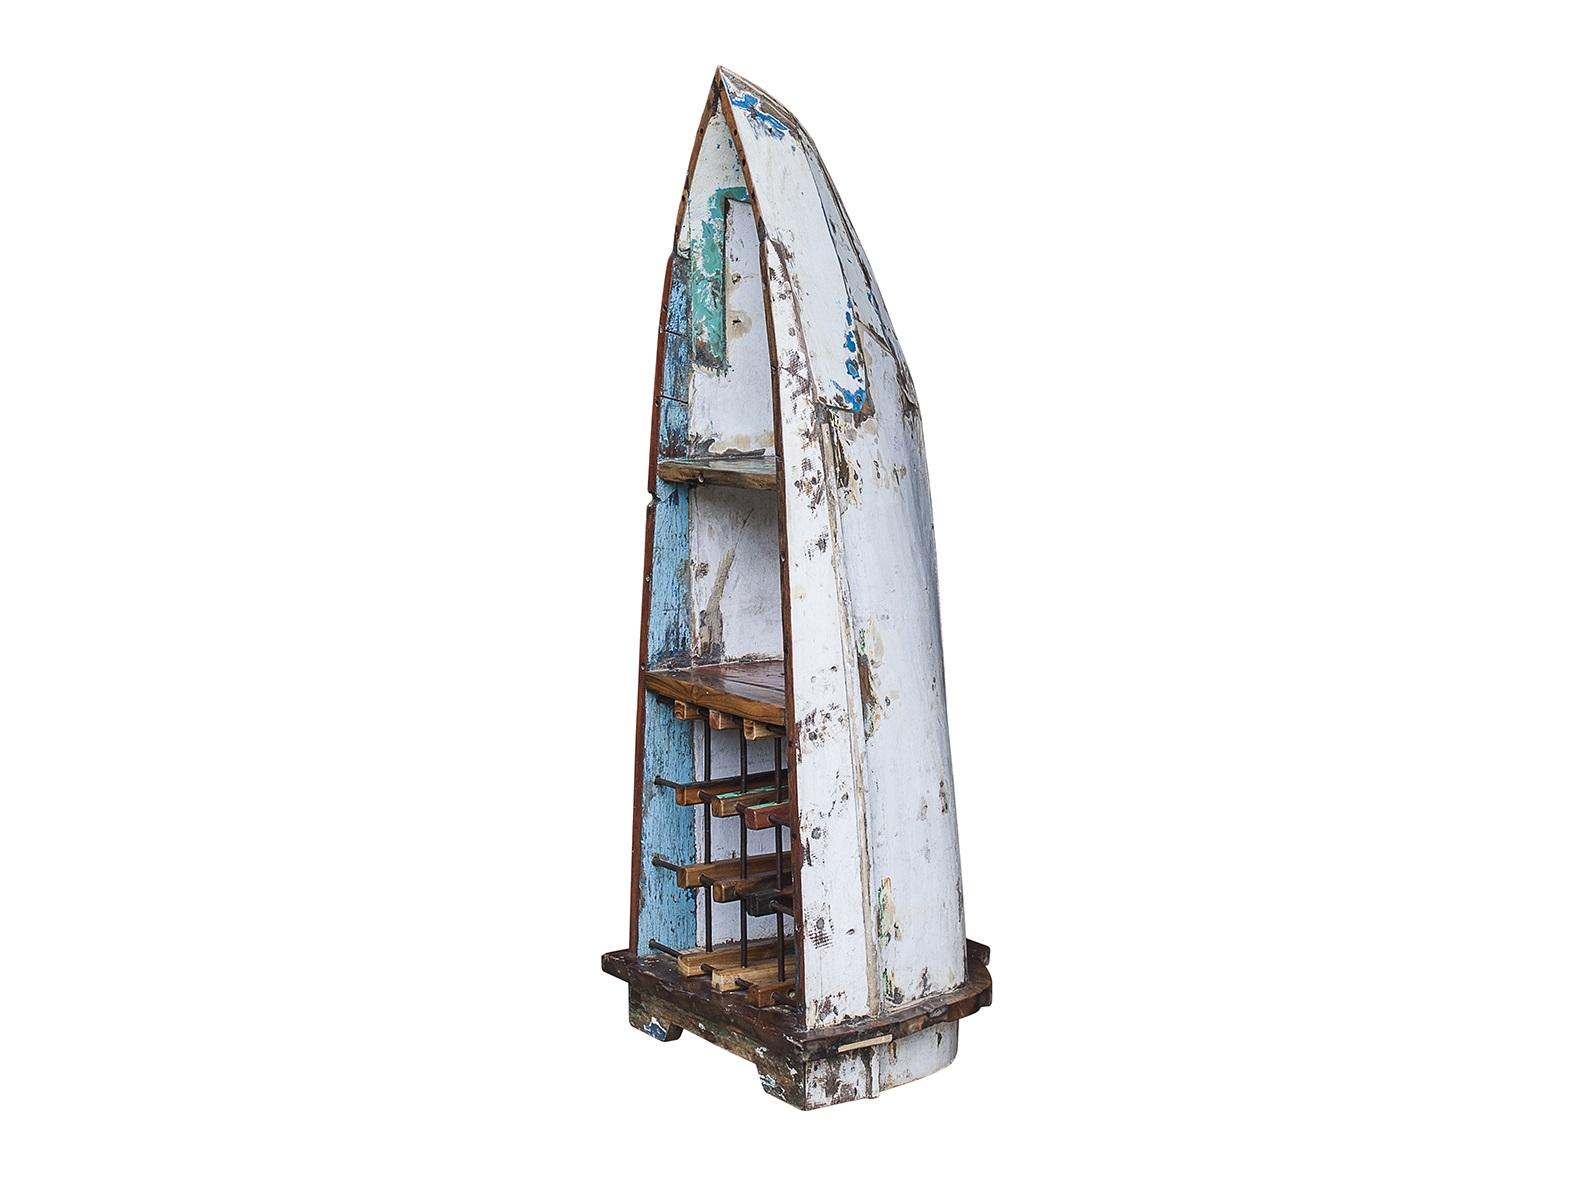 Винный шкаф малый КонюховВинные шкафы<br>Винный шкаф, выполненный из старой рыбацкой лодки классической правильной формы с сохранением оригинальной многослойной окраски.<br>Хранит до 15 бутылок. <br>Подходит для использования как внутри помещения, так и снаружи. <br>Сборка не требуется. <br>Покрытие: шеллак <br>Материал: массив тика (махогони, суара)<br><br>Material: Тик<br>Ширина см: 54<br>Высота см: 140<br>Глубина см: 55